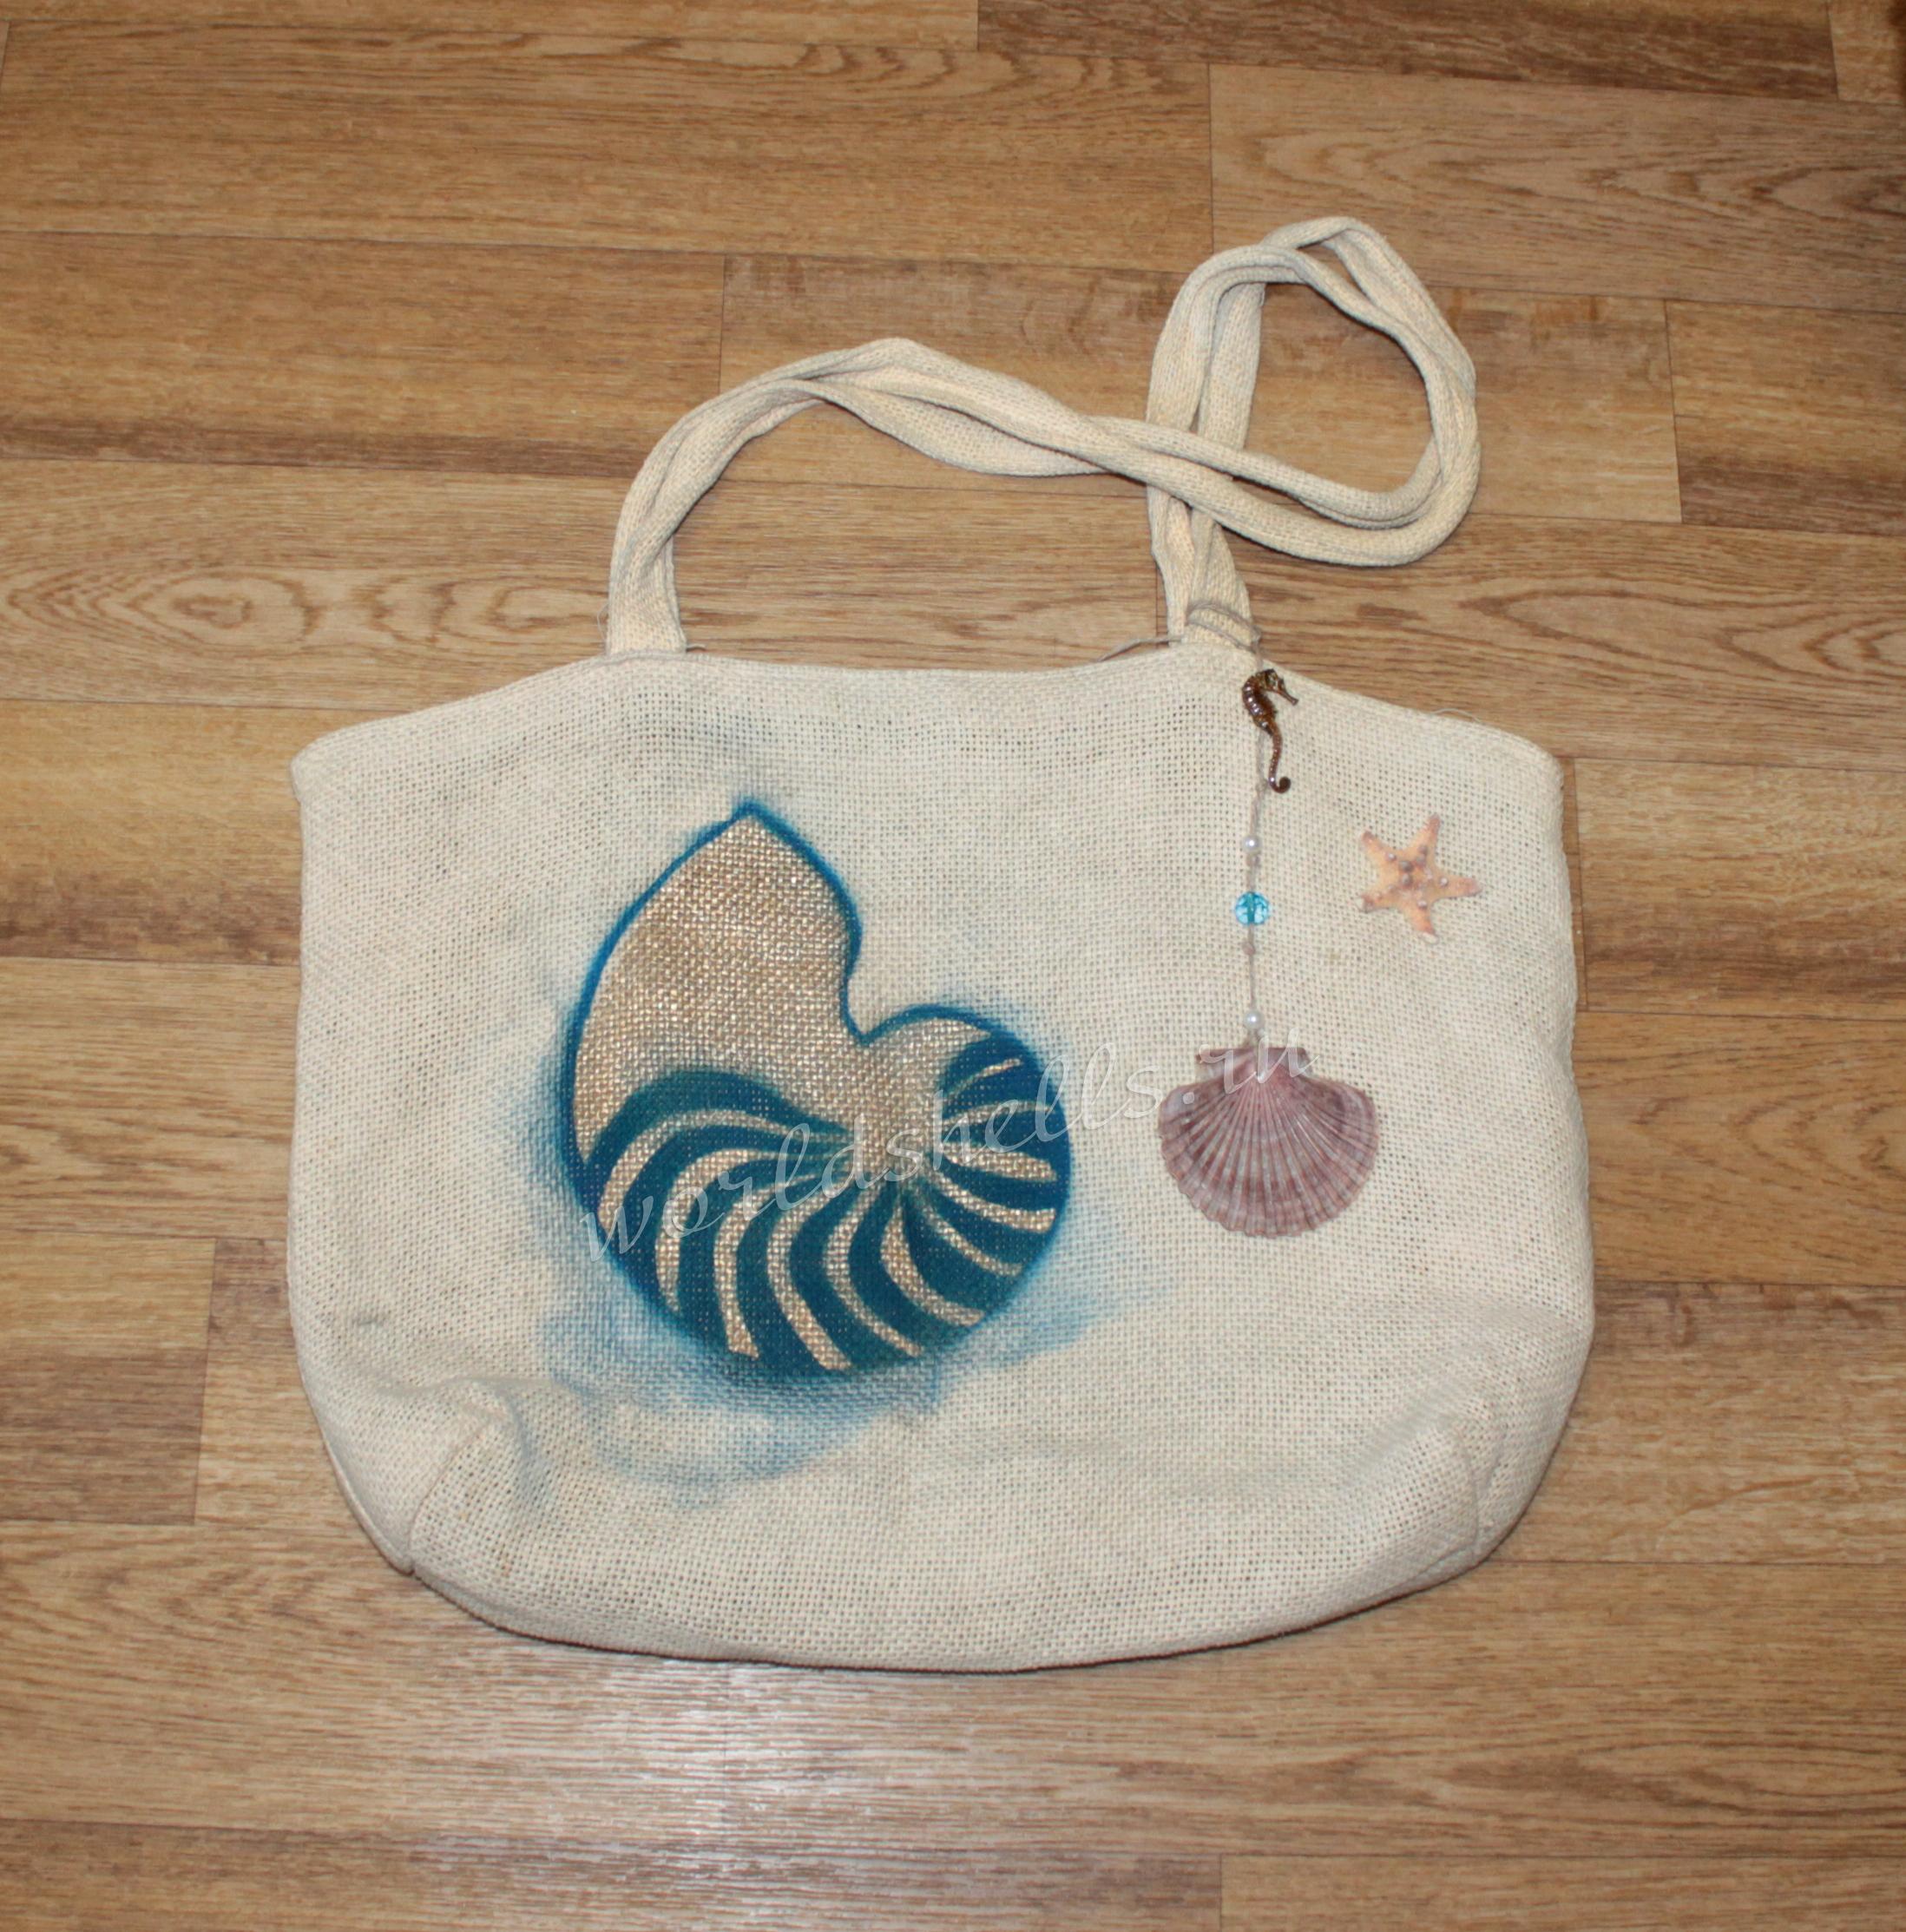 Морской декор пляжной сумки с морской звездой и ракушками